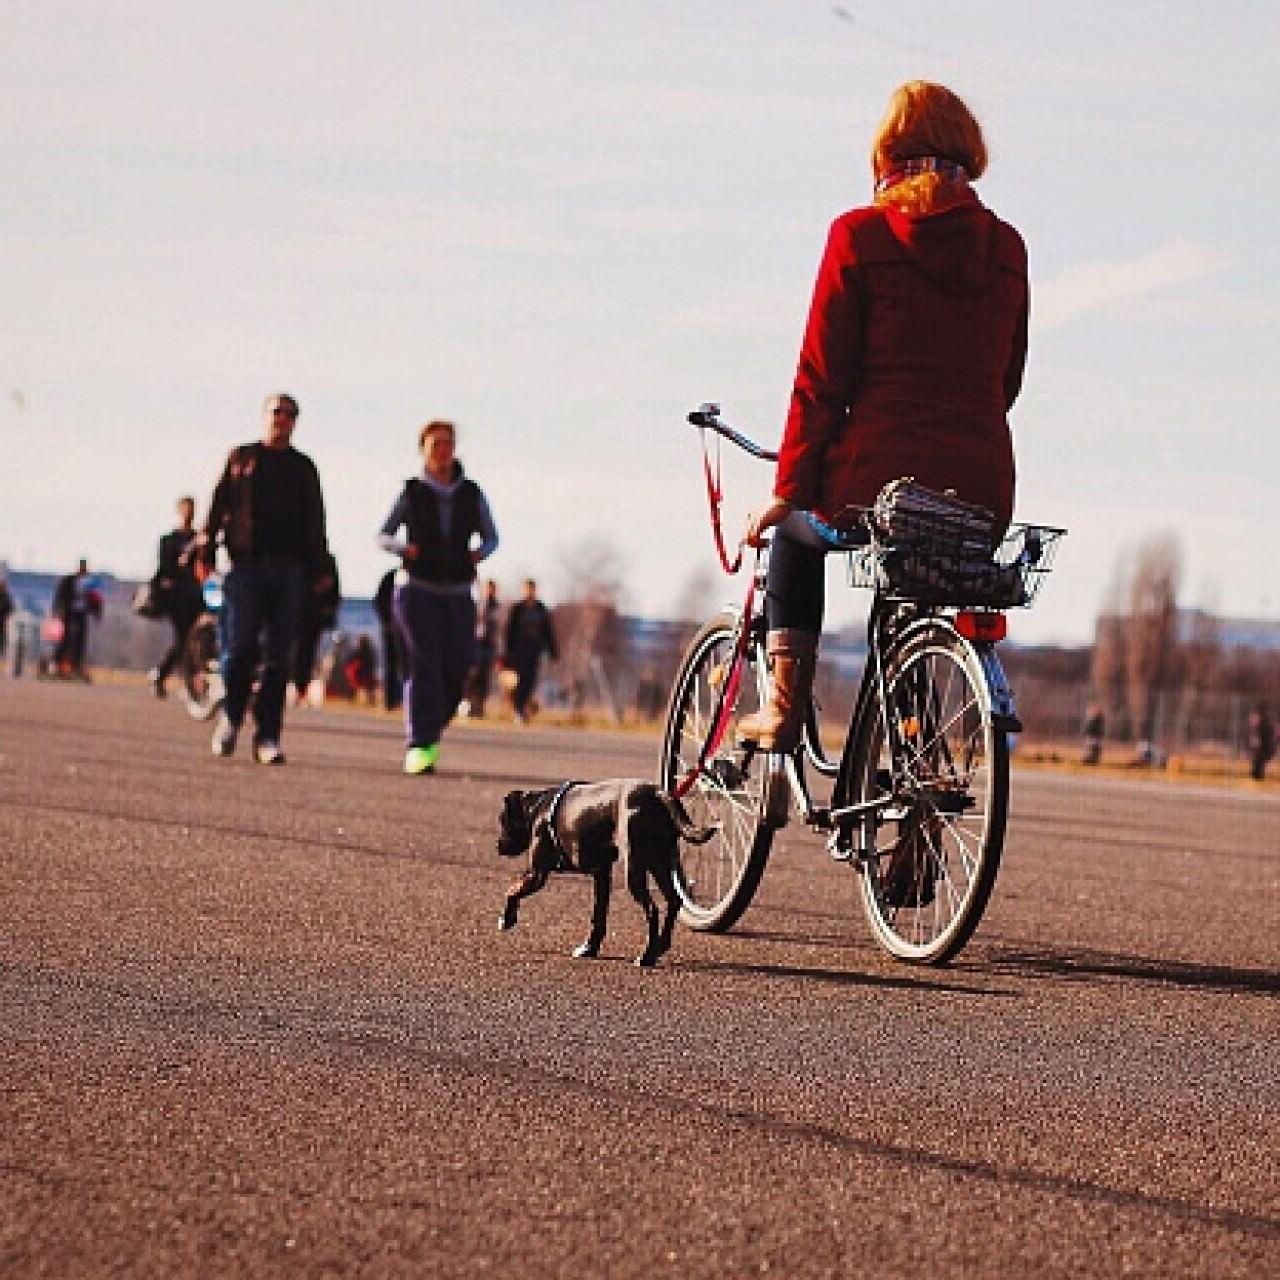 剛剛嘗試以單車遛狗,主人要多加狗狗身體狀況,由慢車開始。(Getty Images)